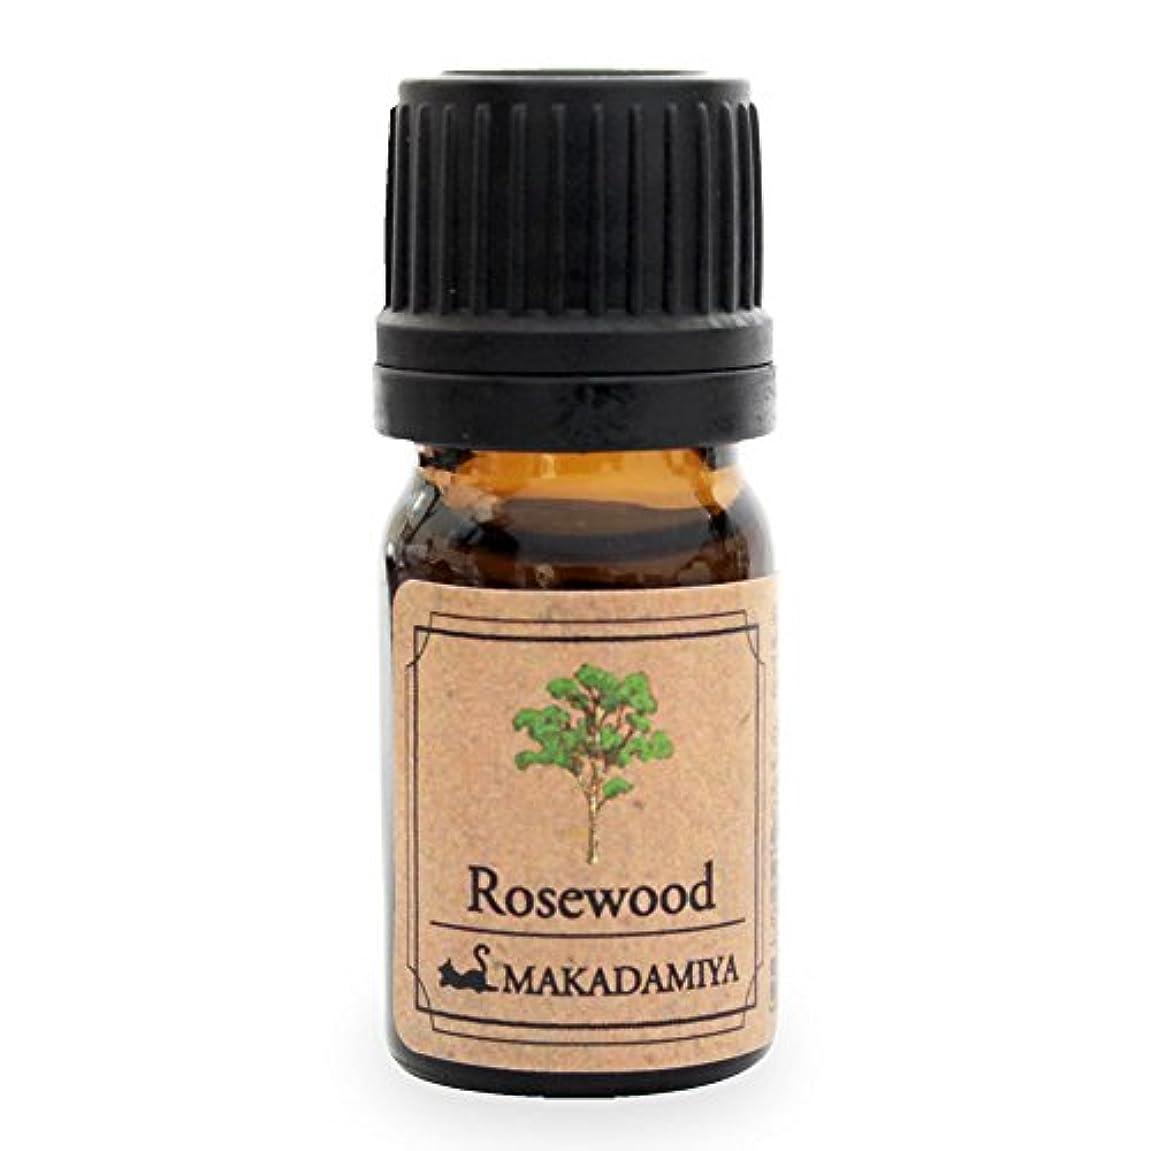 命令場合残酷なローズウッド5ml 天然100%植物性 エッセンシャルオイル(精油) アロマオイル アロママッサージ aroma Rosewood